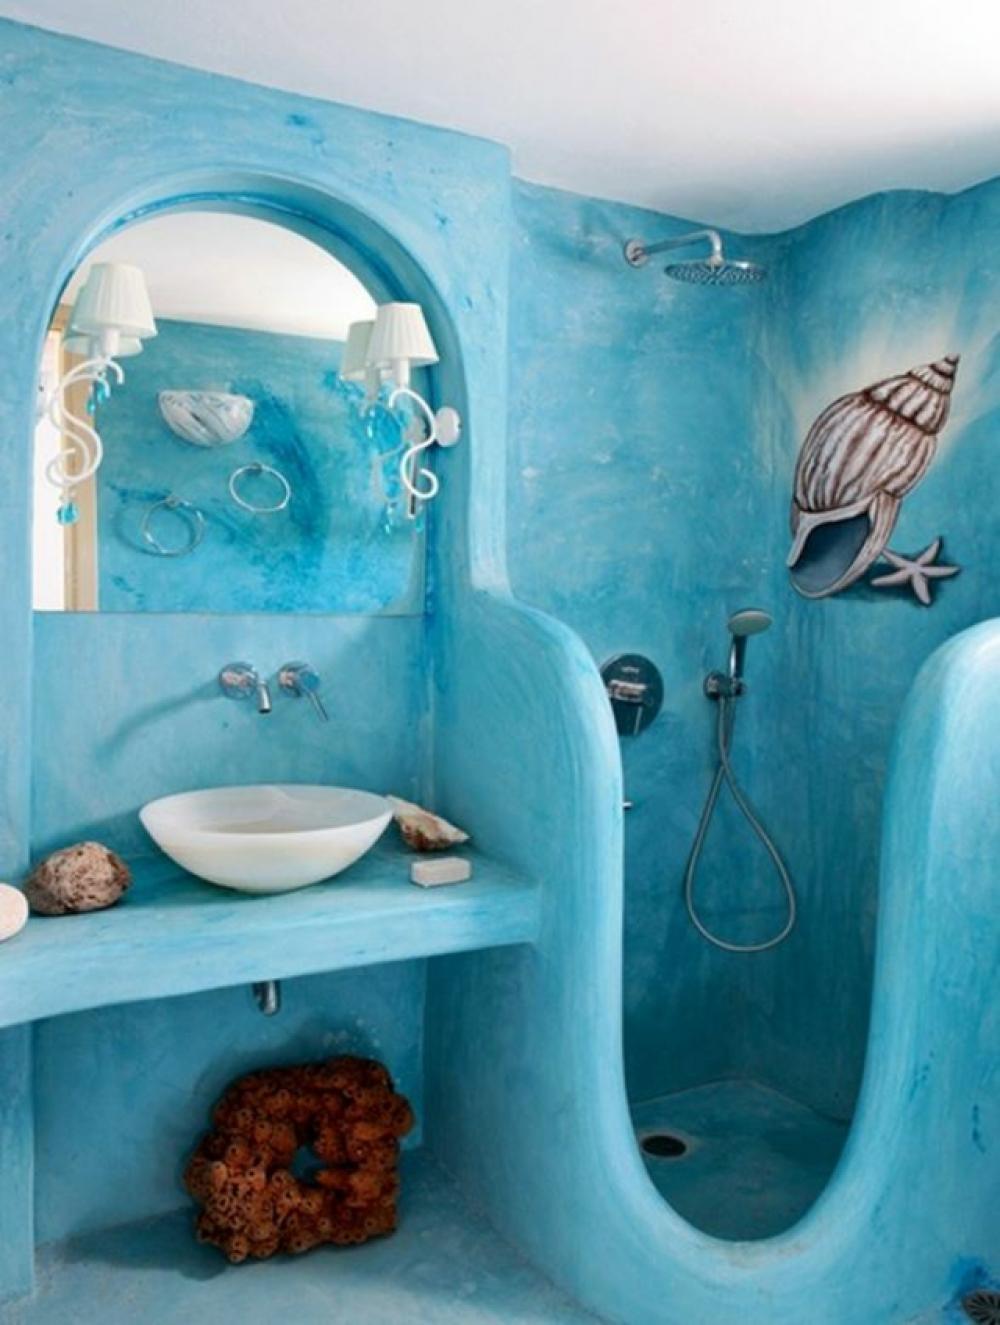 15 salles de bain l insouciance des vacances design feria - Salles de bains design ...